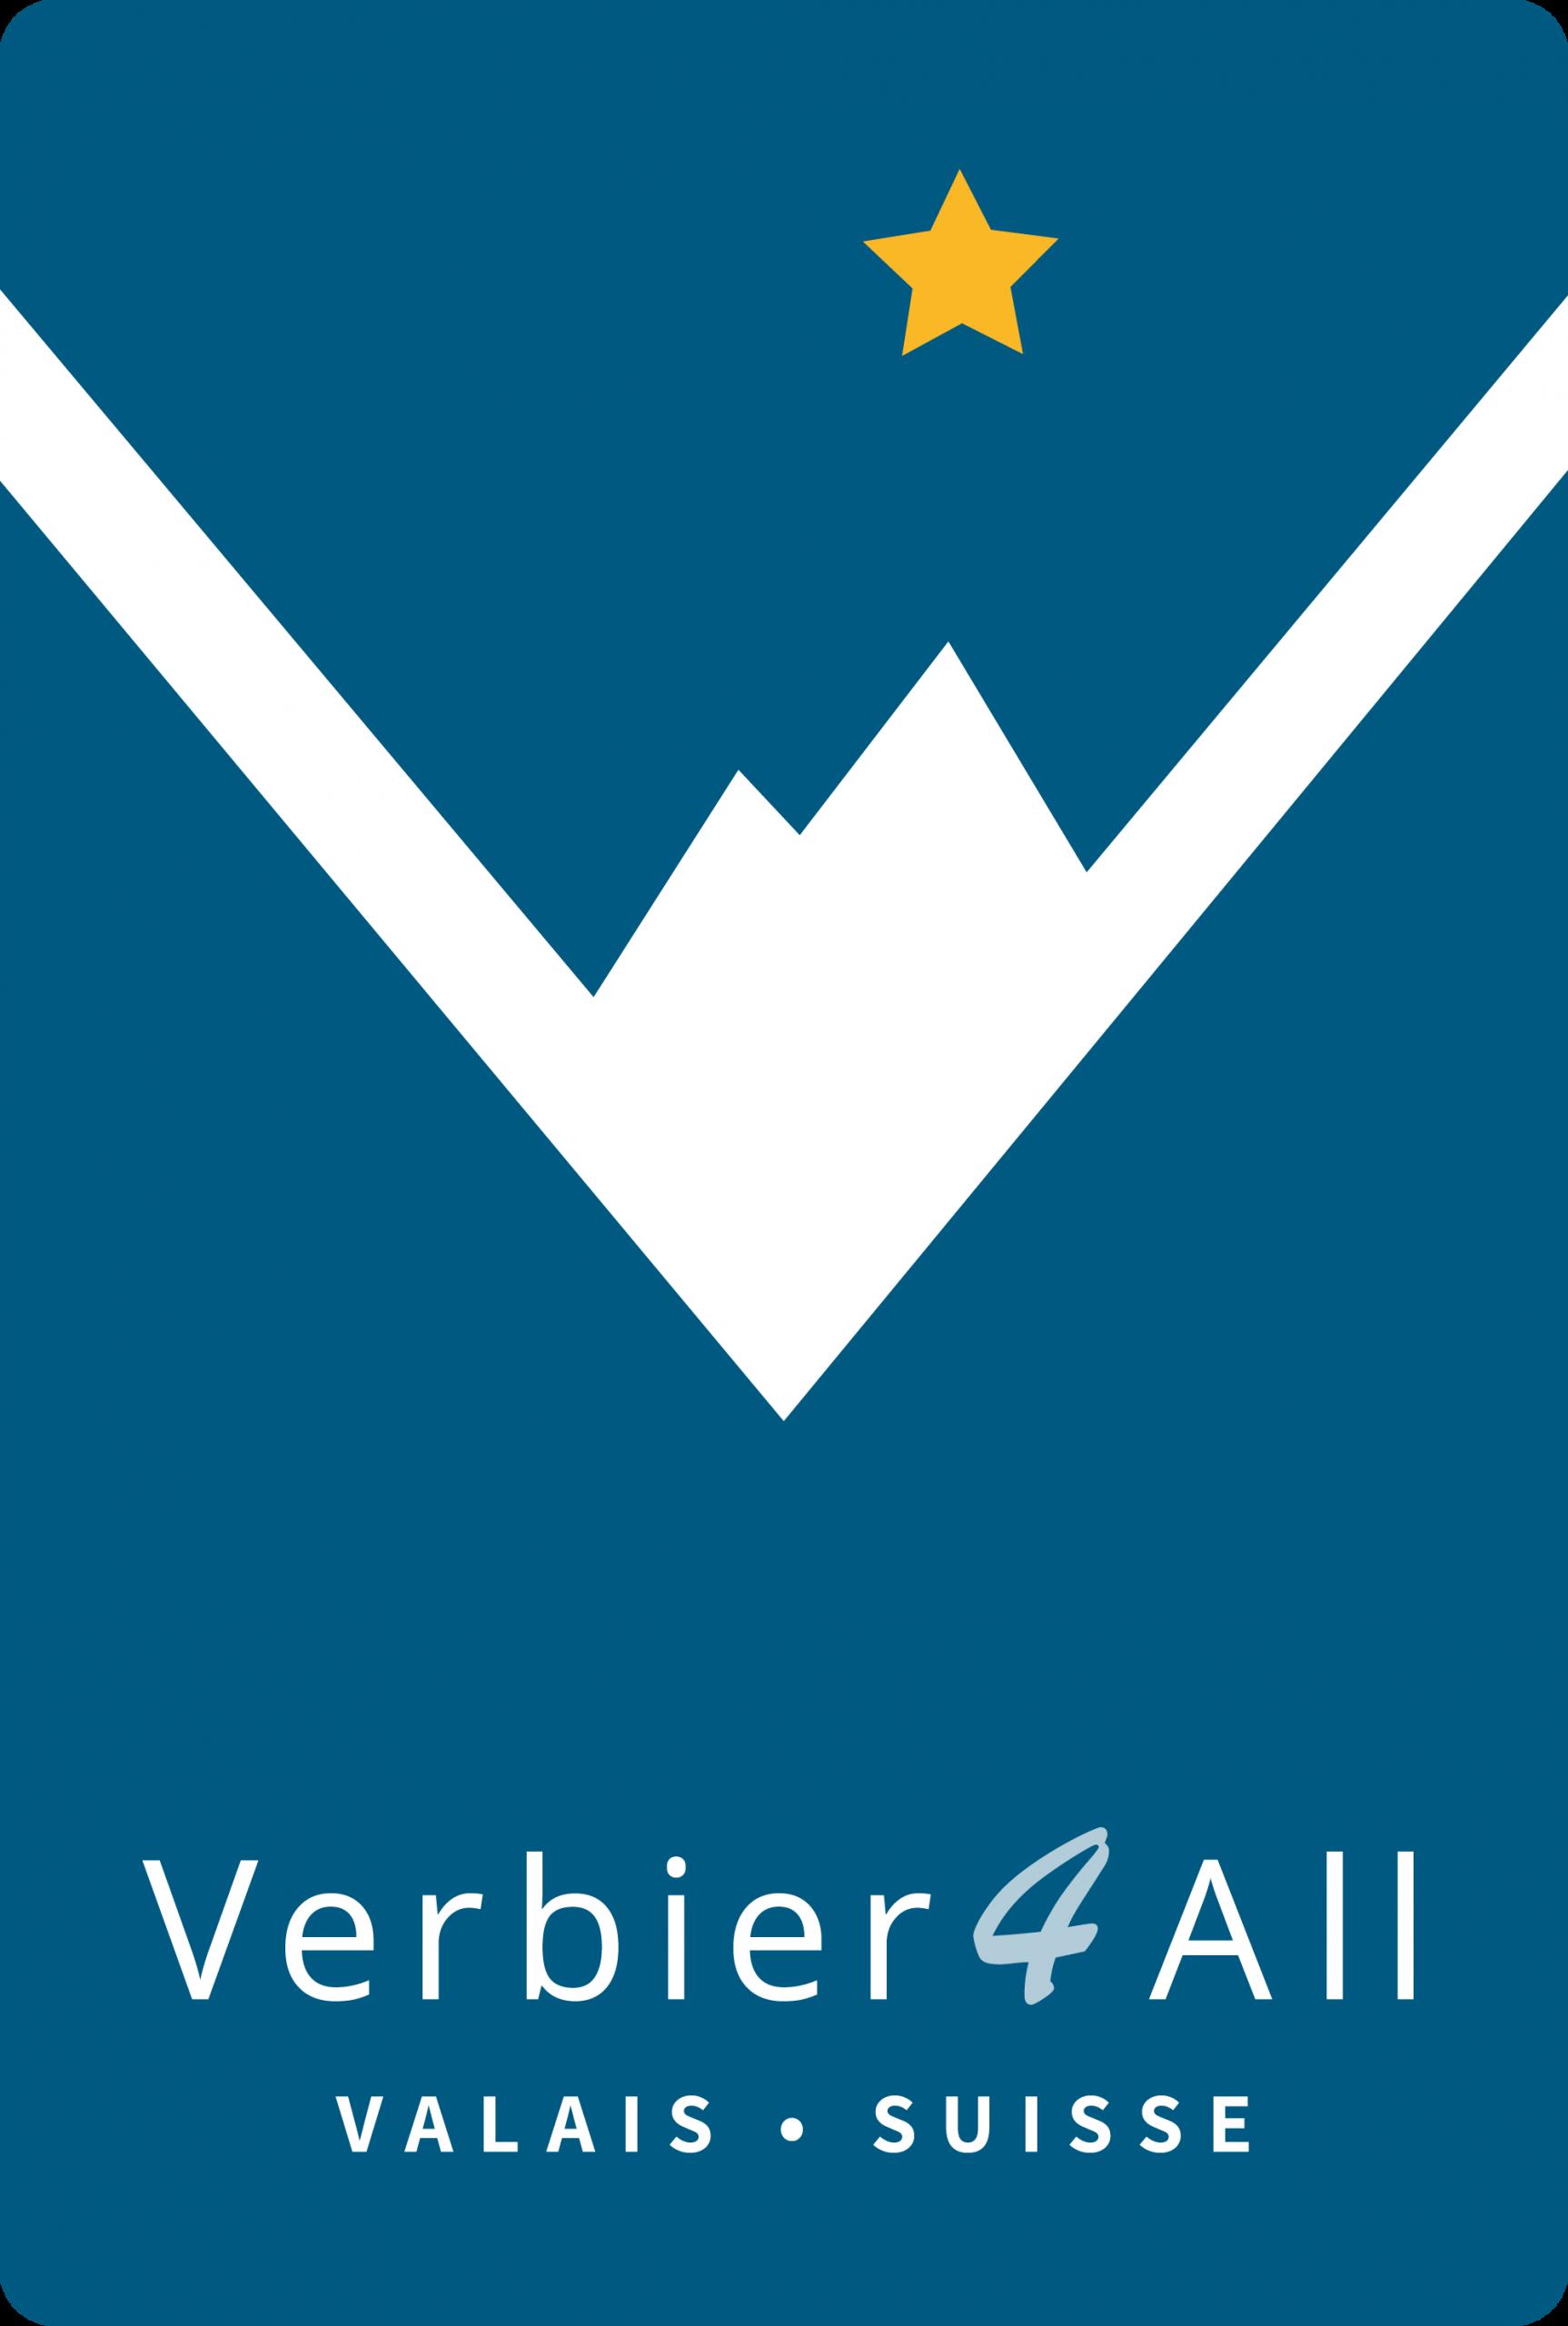 Verbier4All